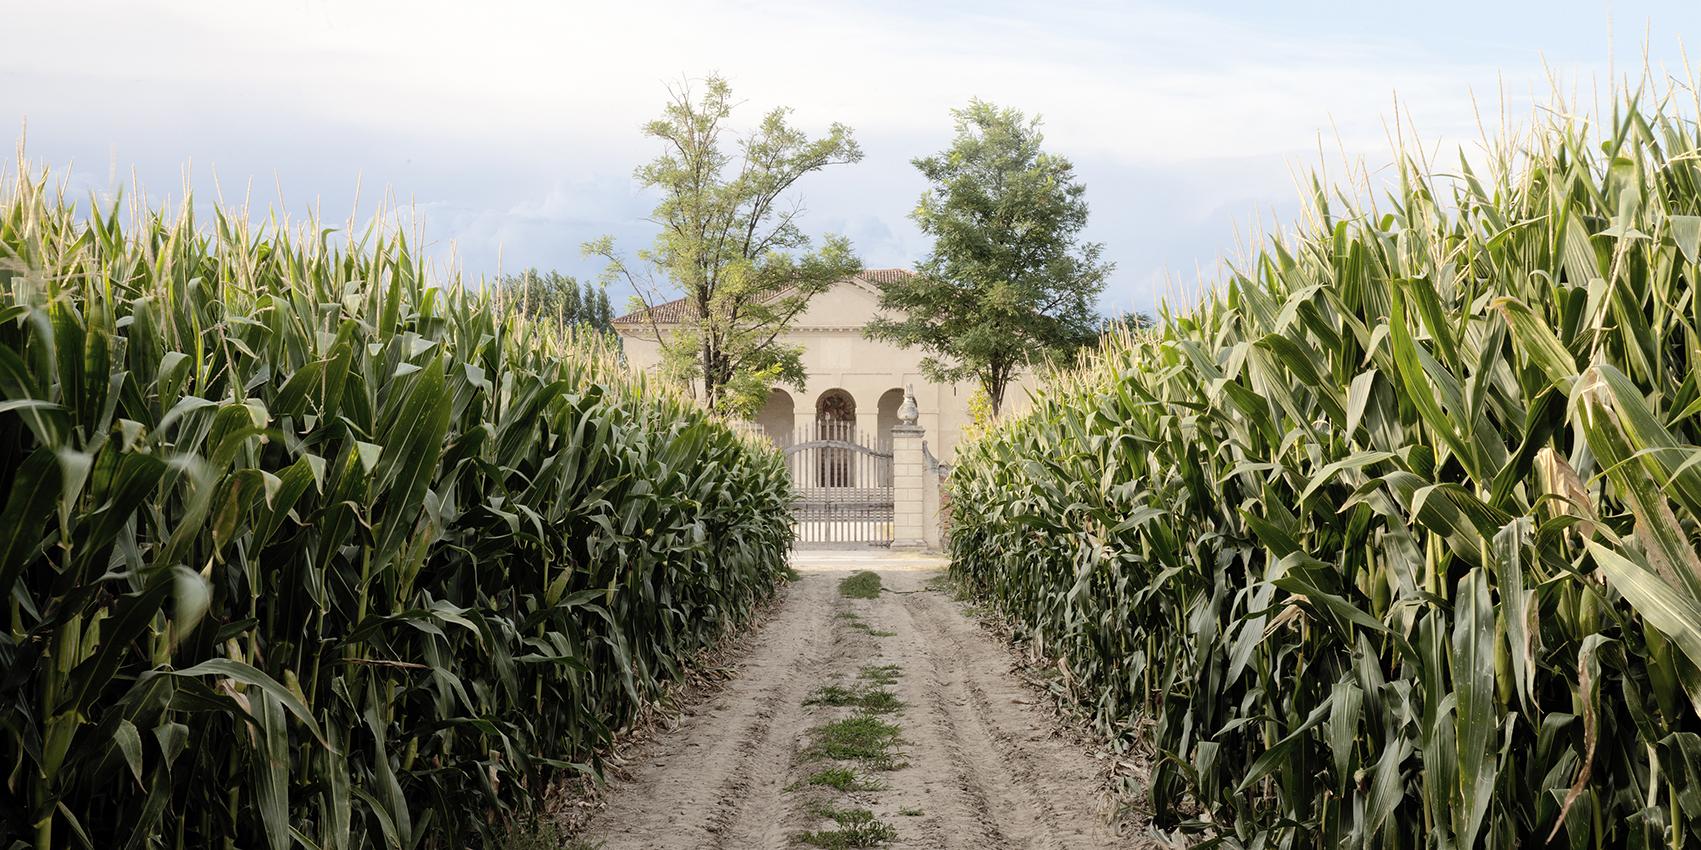 Villa Saraceno.